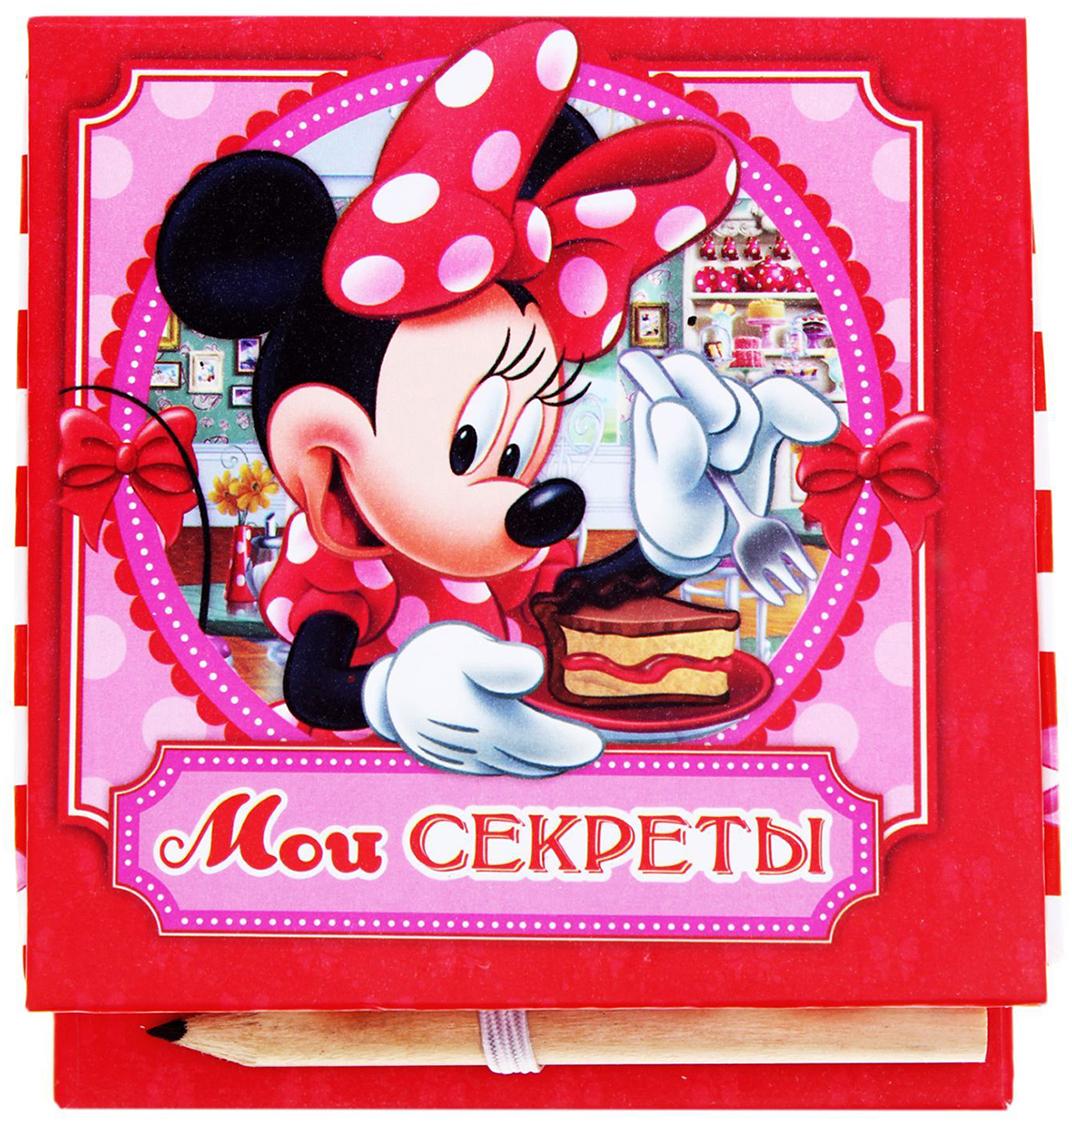 Disney Блок для записей Мои секреты 10 x 10 см 150 листов1158870Заряжайтесь позитивом каждый день вместе с любимыми героями мультфильмов Disney. Специально для поклонников Микки Мауса и его друзей мы разработали целую серию канцелярских принадлежностей.Футляр содержит блок на 100 дизайнерских листов размером 9 х 9 см. Оставляйте на них сообщения, записывайте ценные мысли, составляйте списки или стройте планы. С оригинальным футляром из плотного картона записи не потеряются, а на столе будет порядок. Чтобы не пришлось искать карандаш, мы поместили его на внутреннюю сторону обложки, теперь он всегда под рукой.Побалуйте себя или близких эффектными аксессуарами.